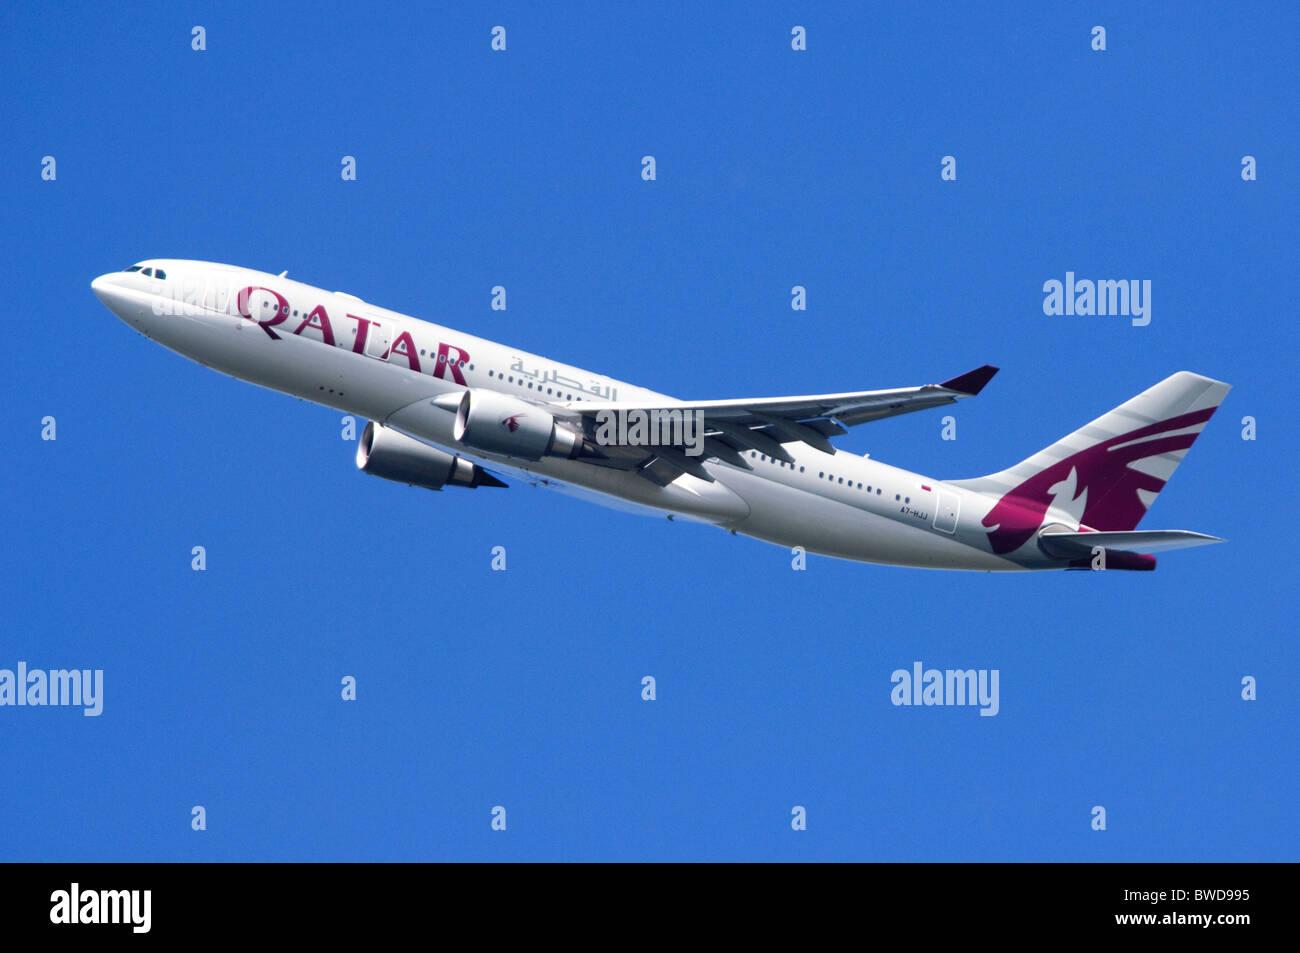 Airbus A330 betrieben von Qatar Airways Klettern heraus nach nehmen Sie vom Flughafen London Heathrow Stockbild